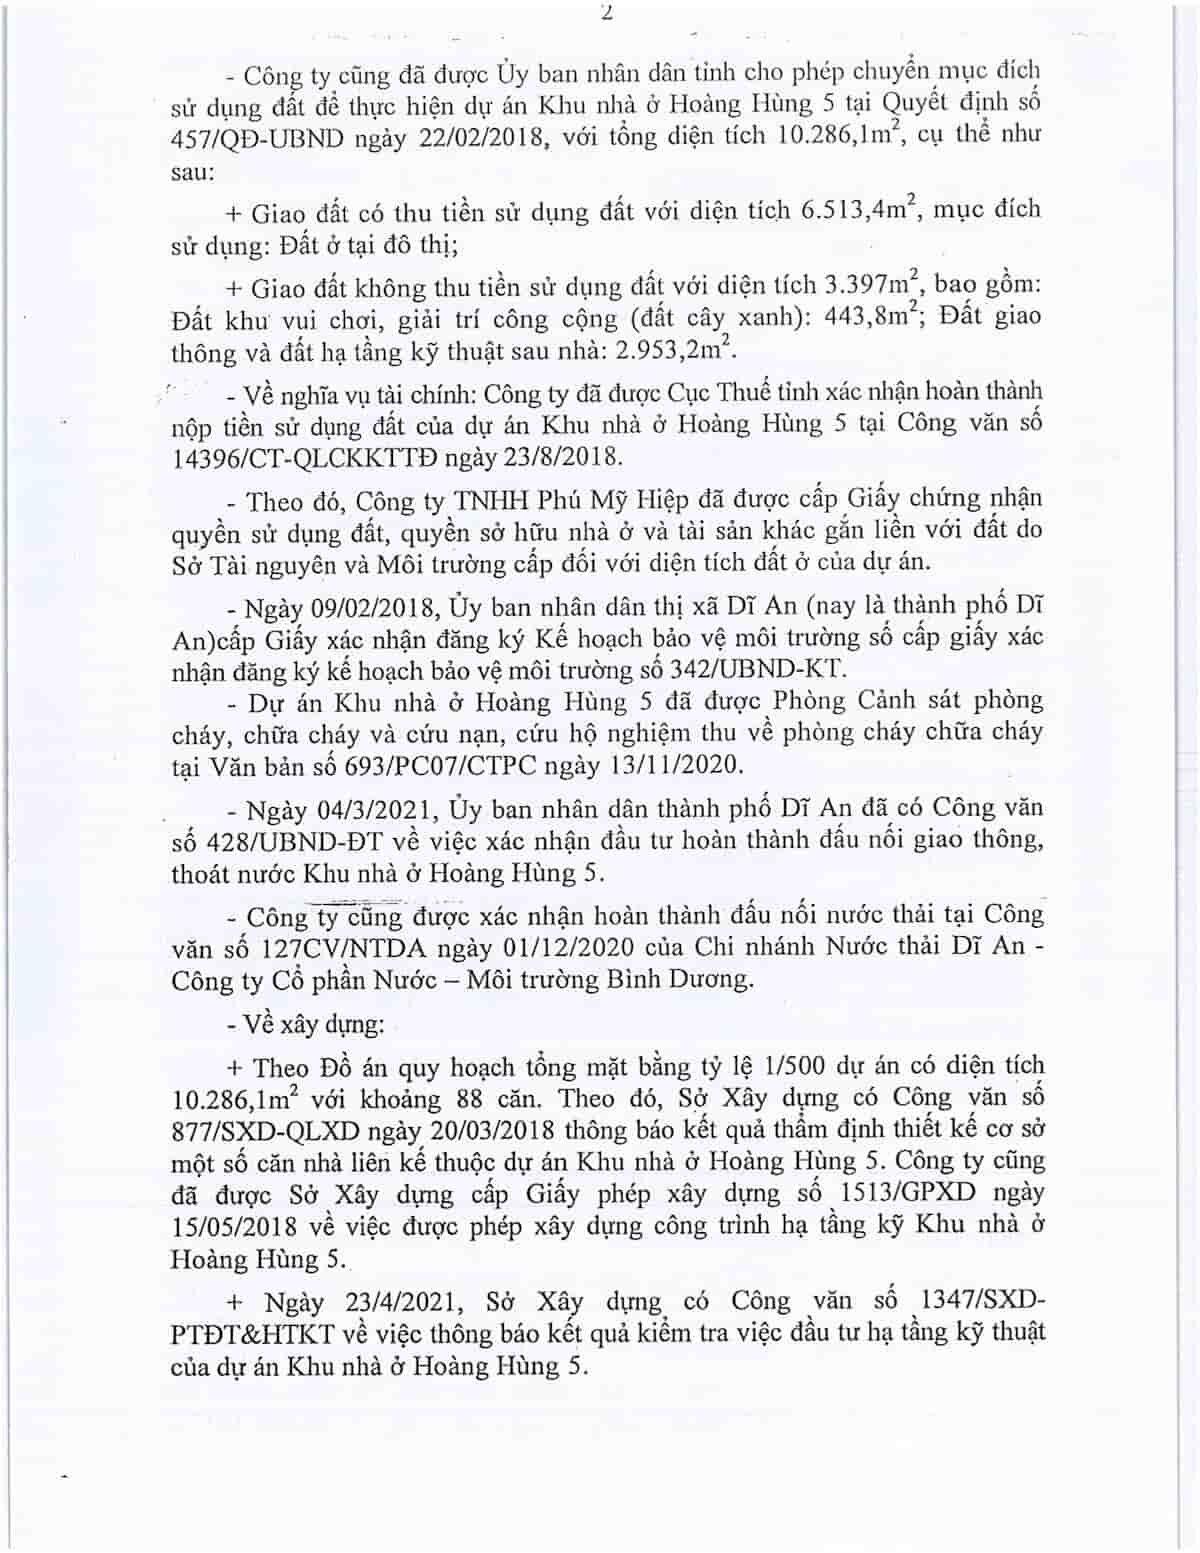 Quyết định 1780 Khu nhà ở Hoàng Hùng 5 - ảnh 2